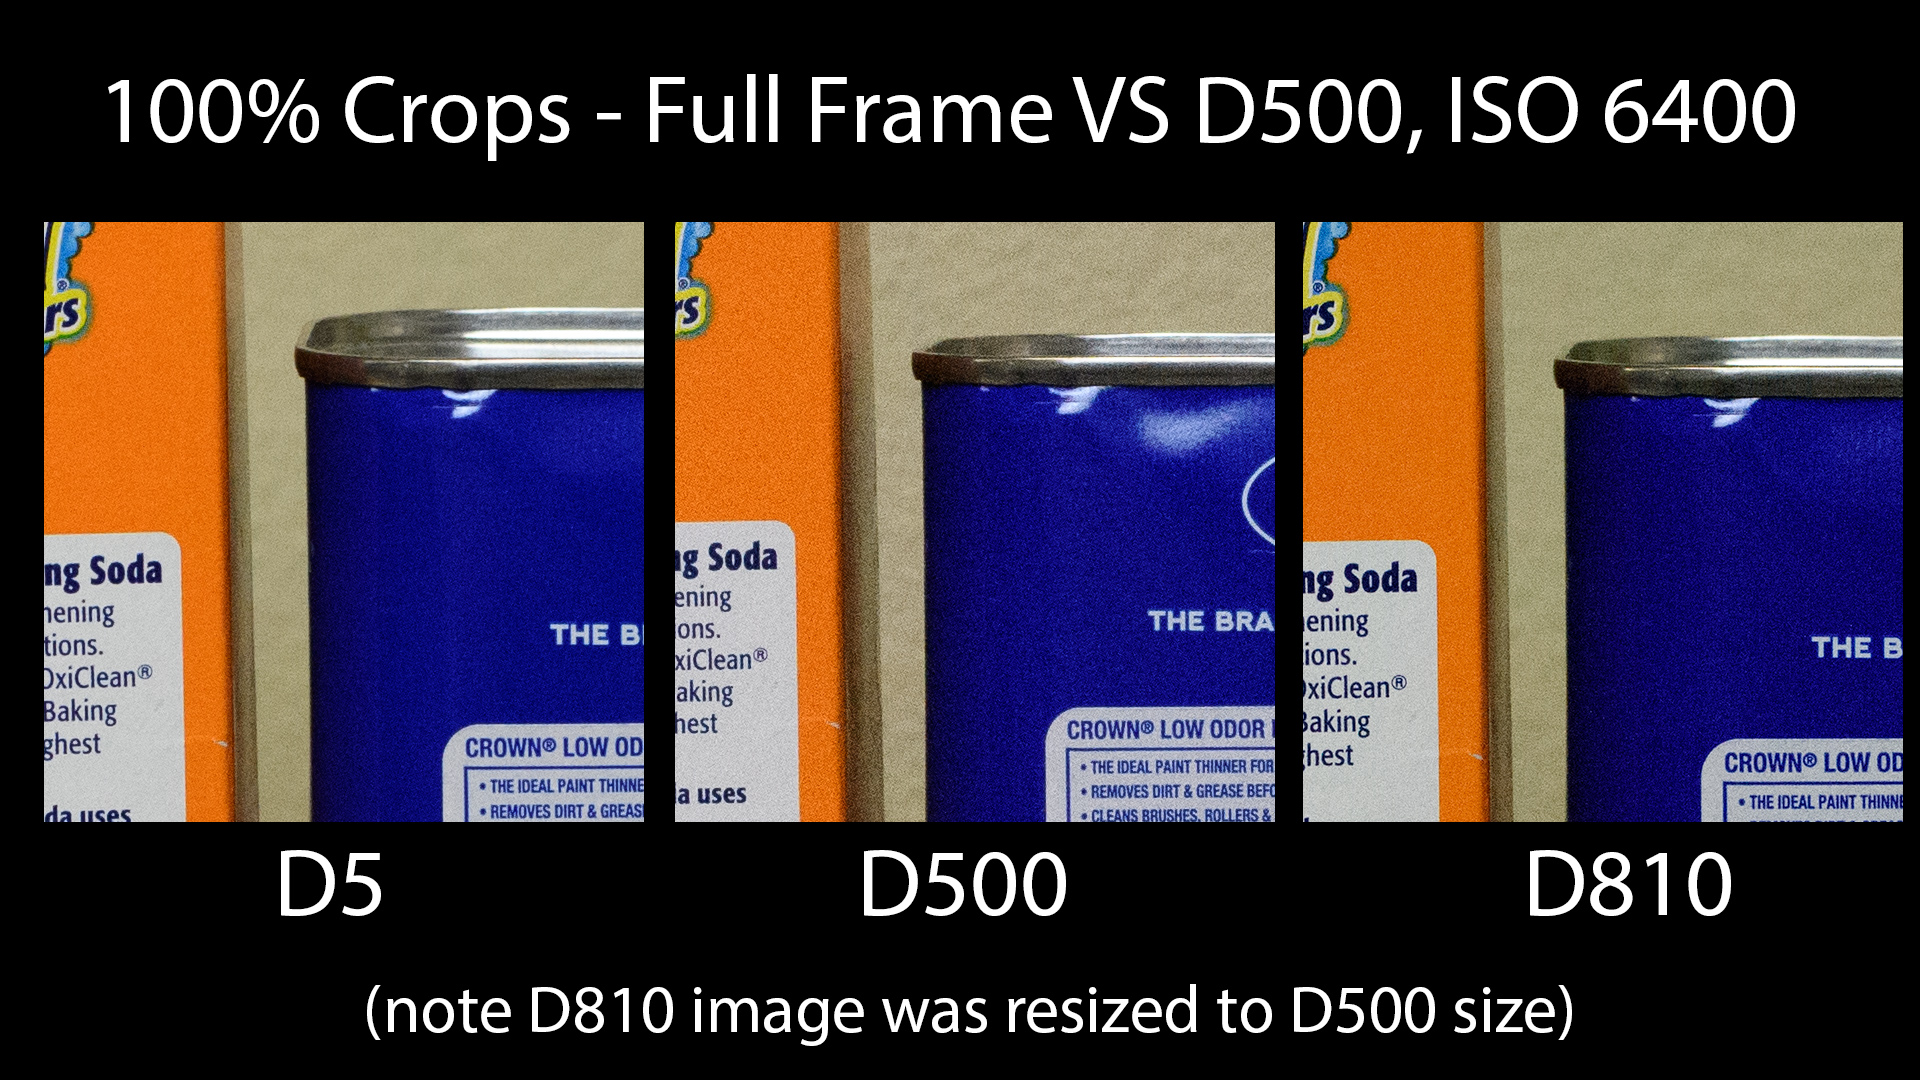 D500 vs FX Cameras ISO 6400